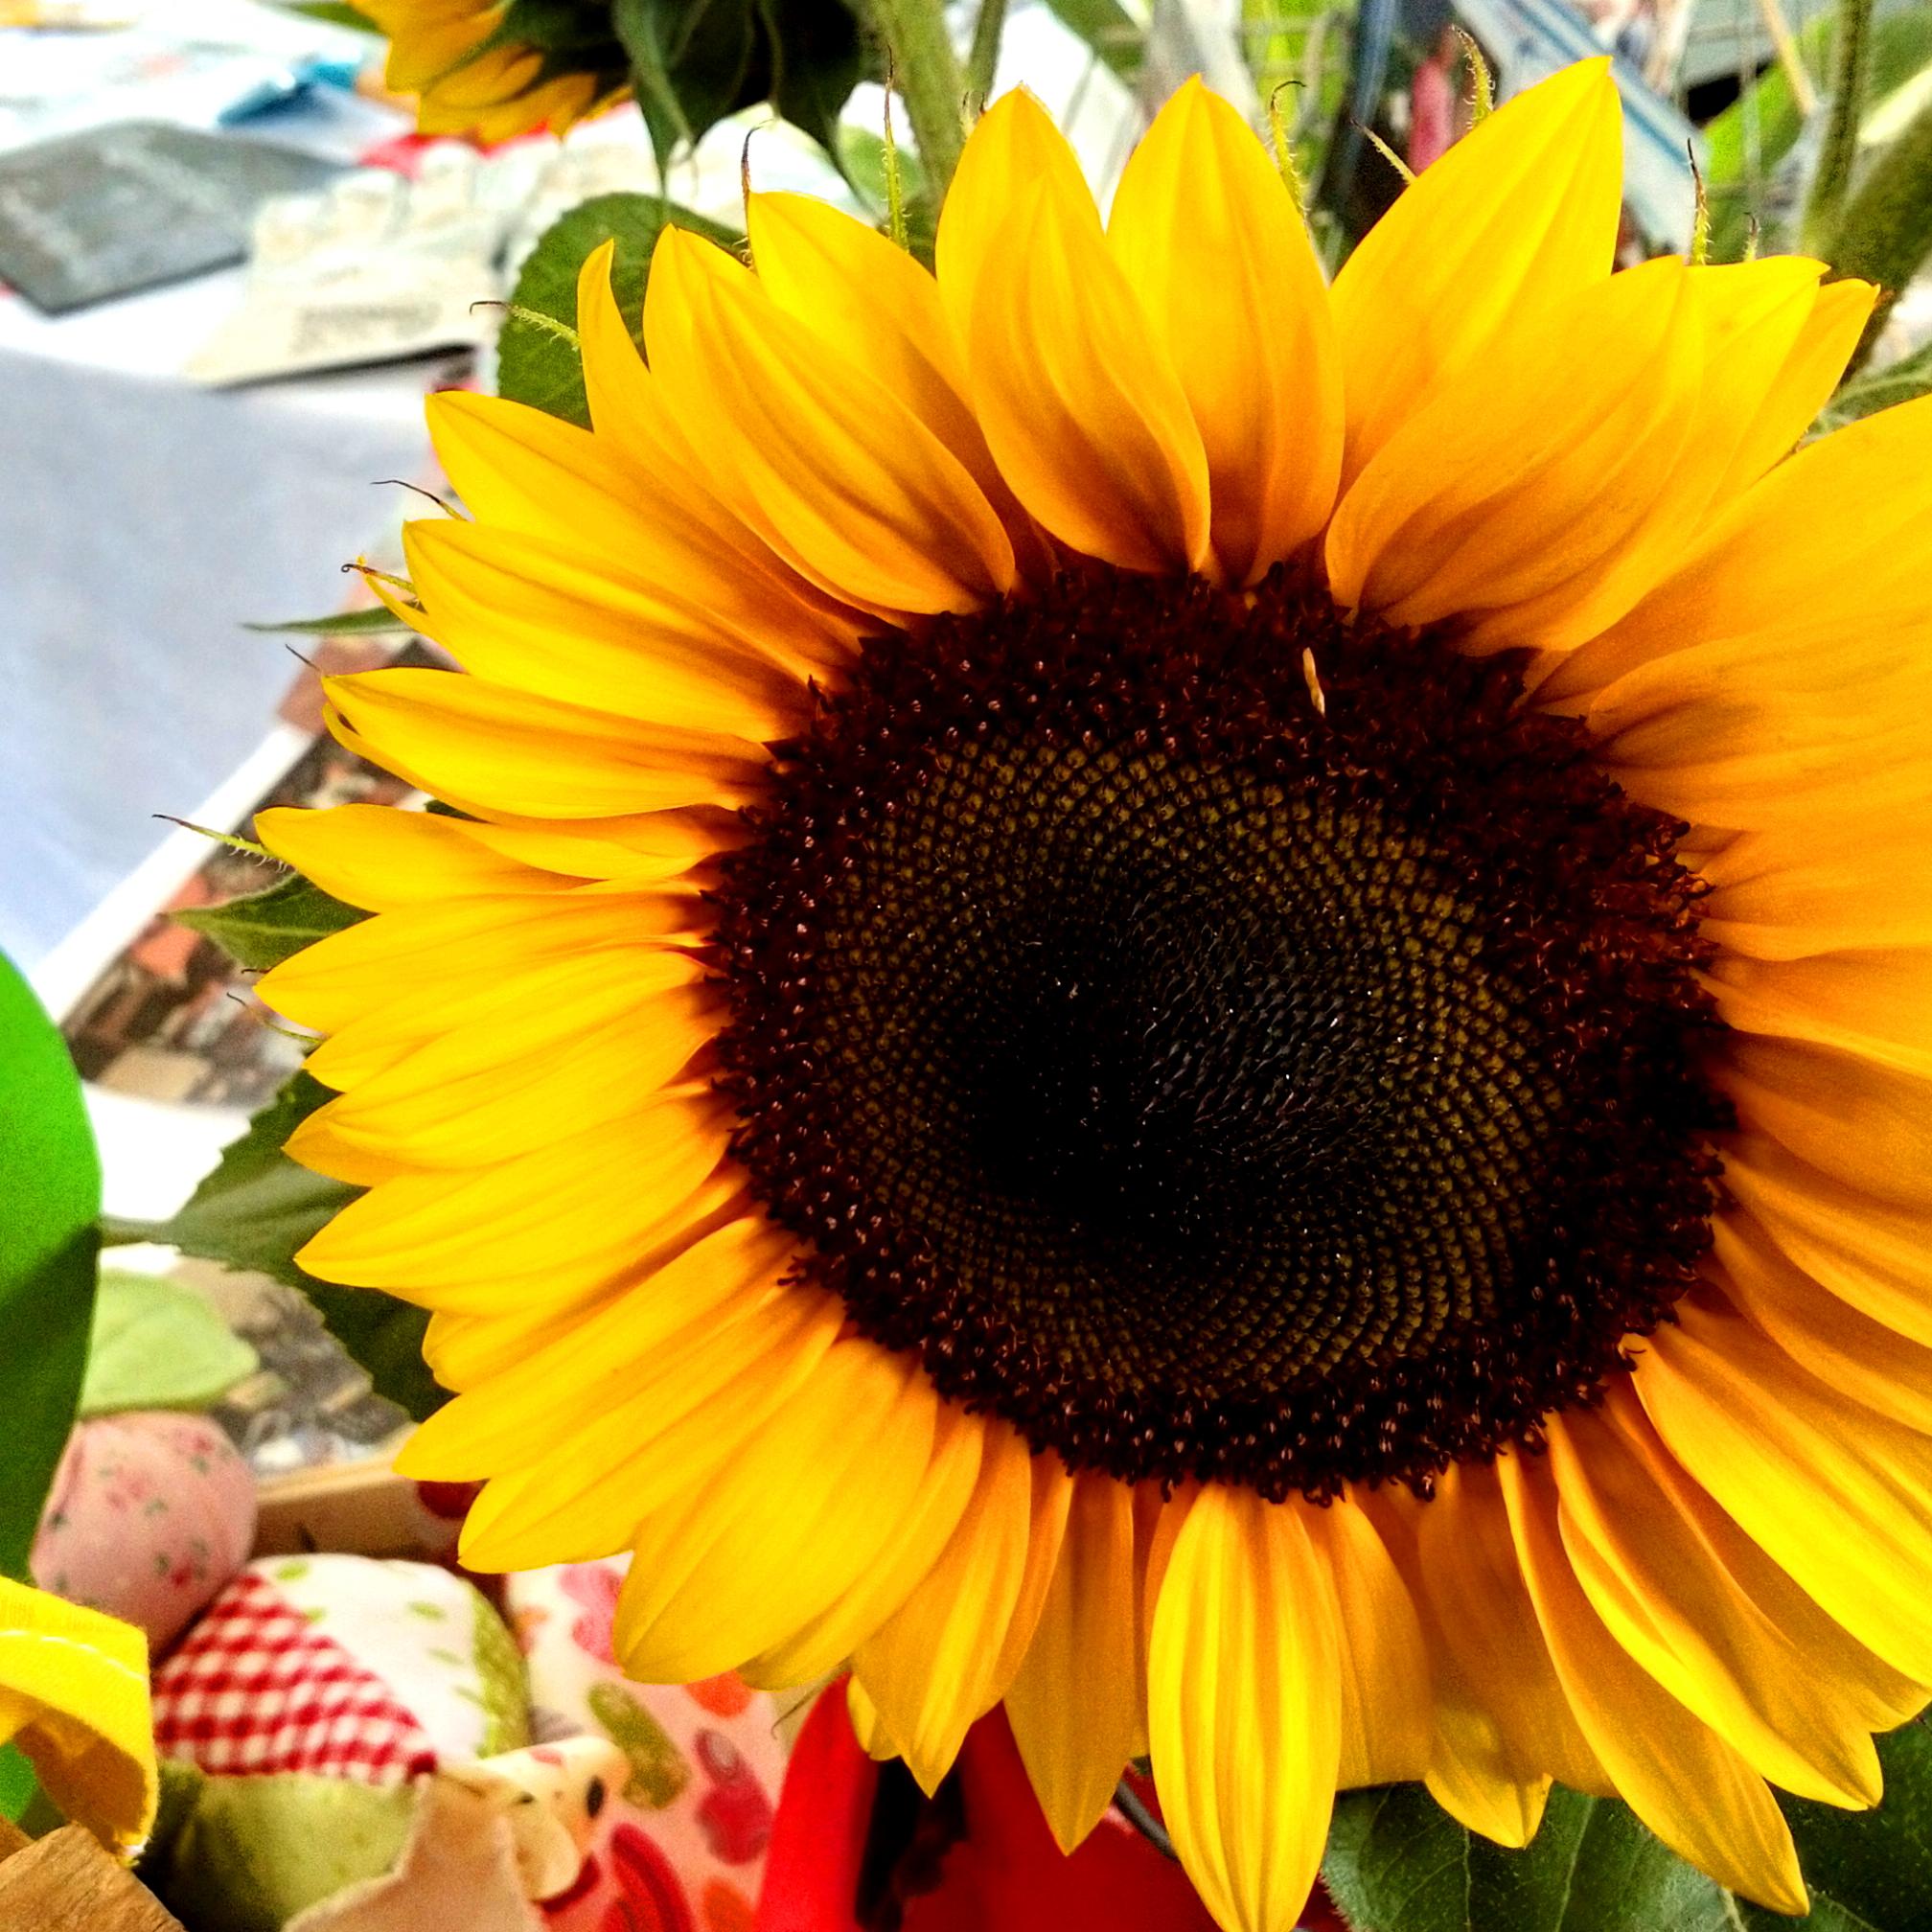 Vereinstag_Sonnenblume_25.08.19